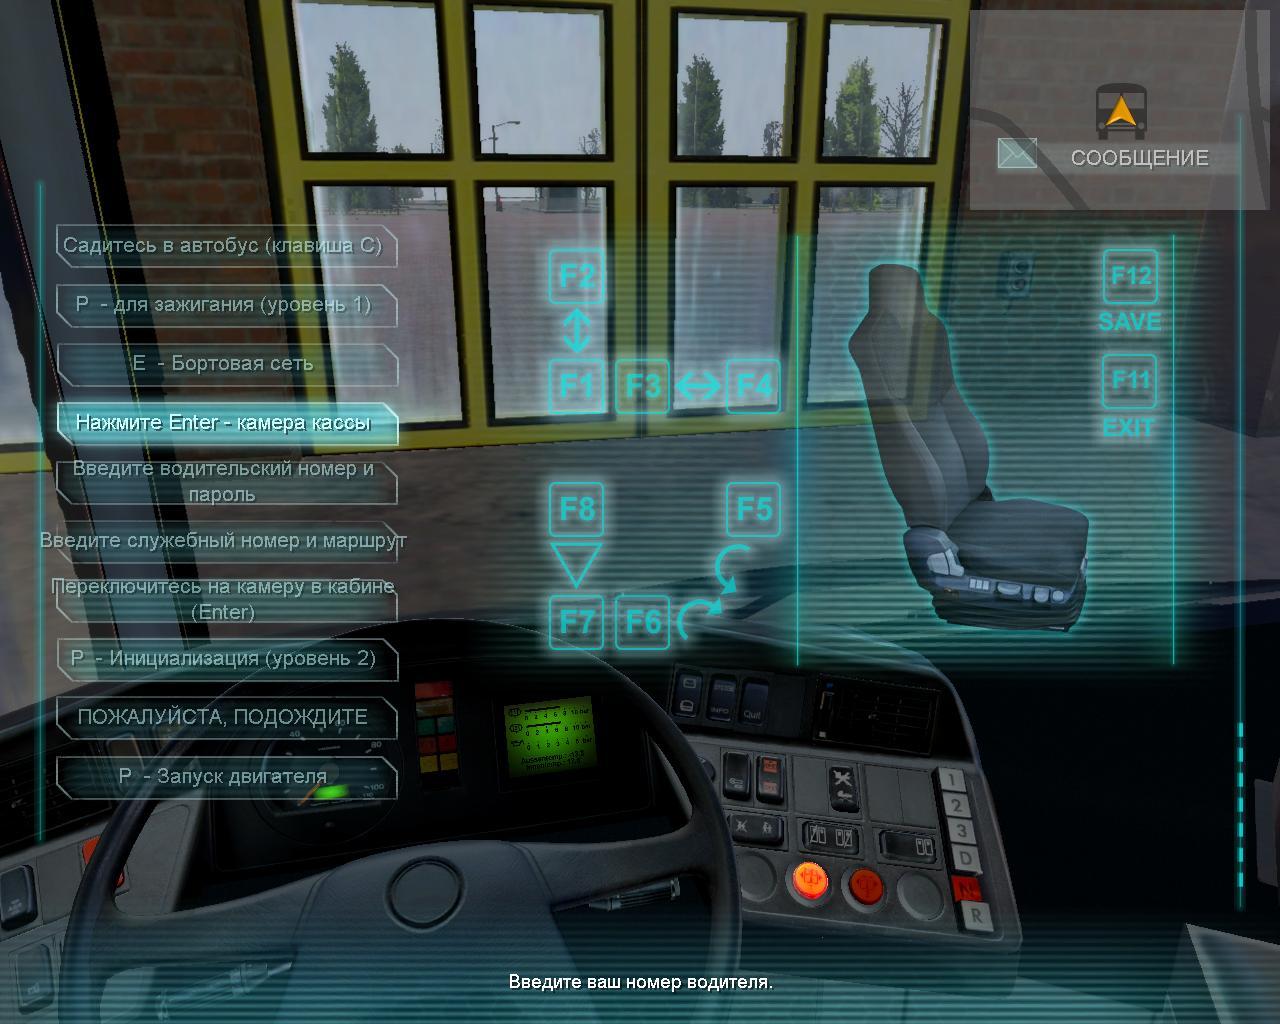 Скачать игру симулятор создания игр на русском